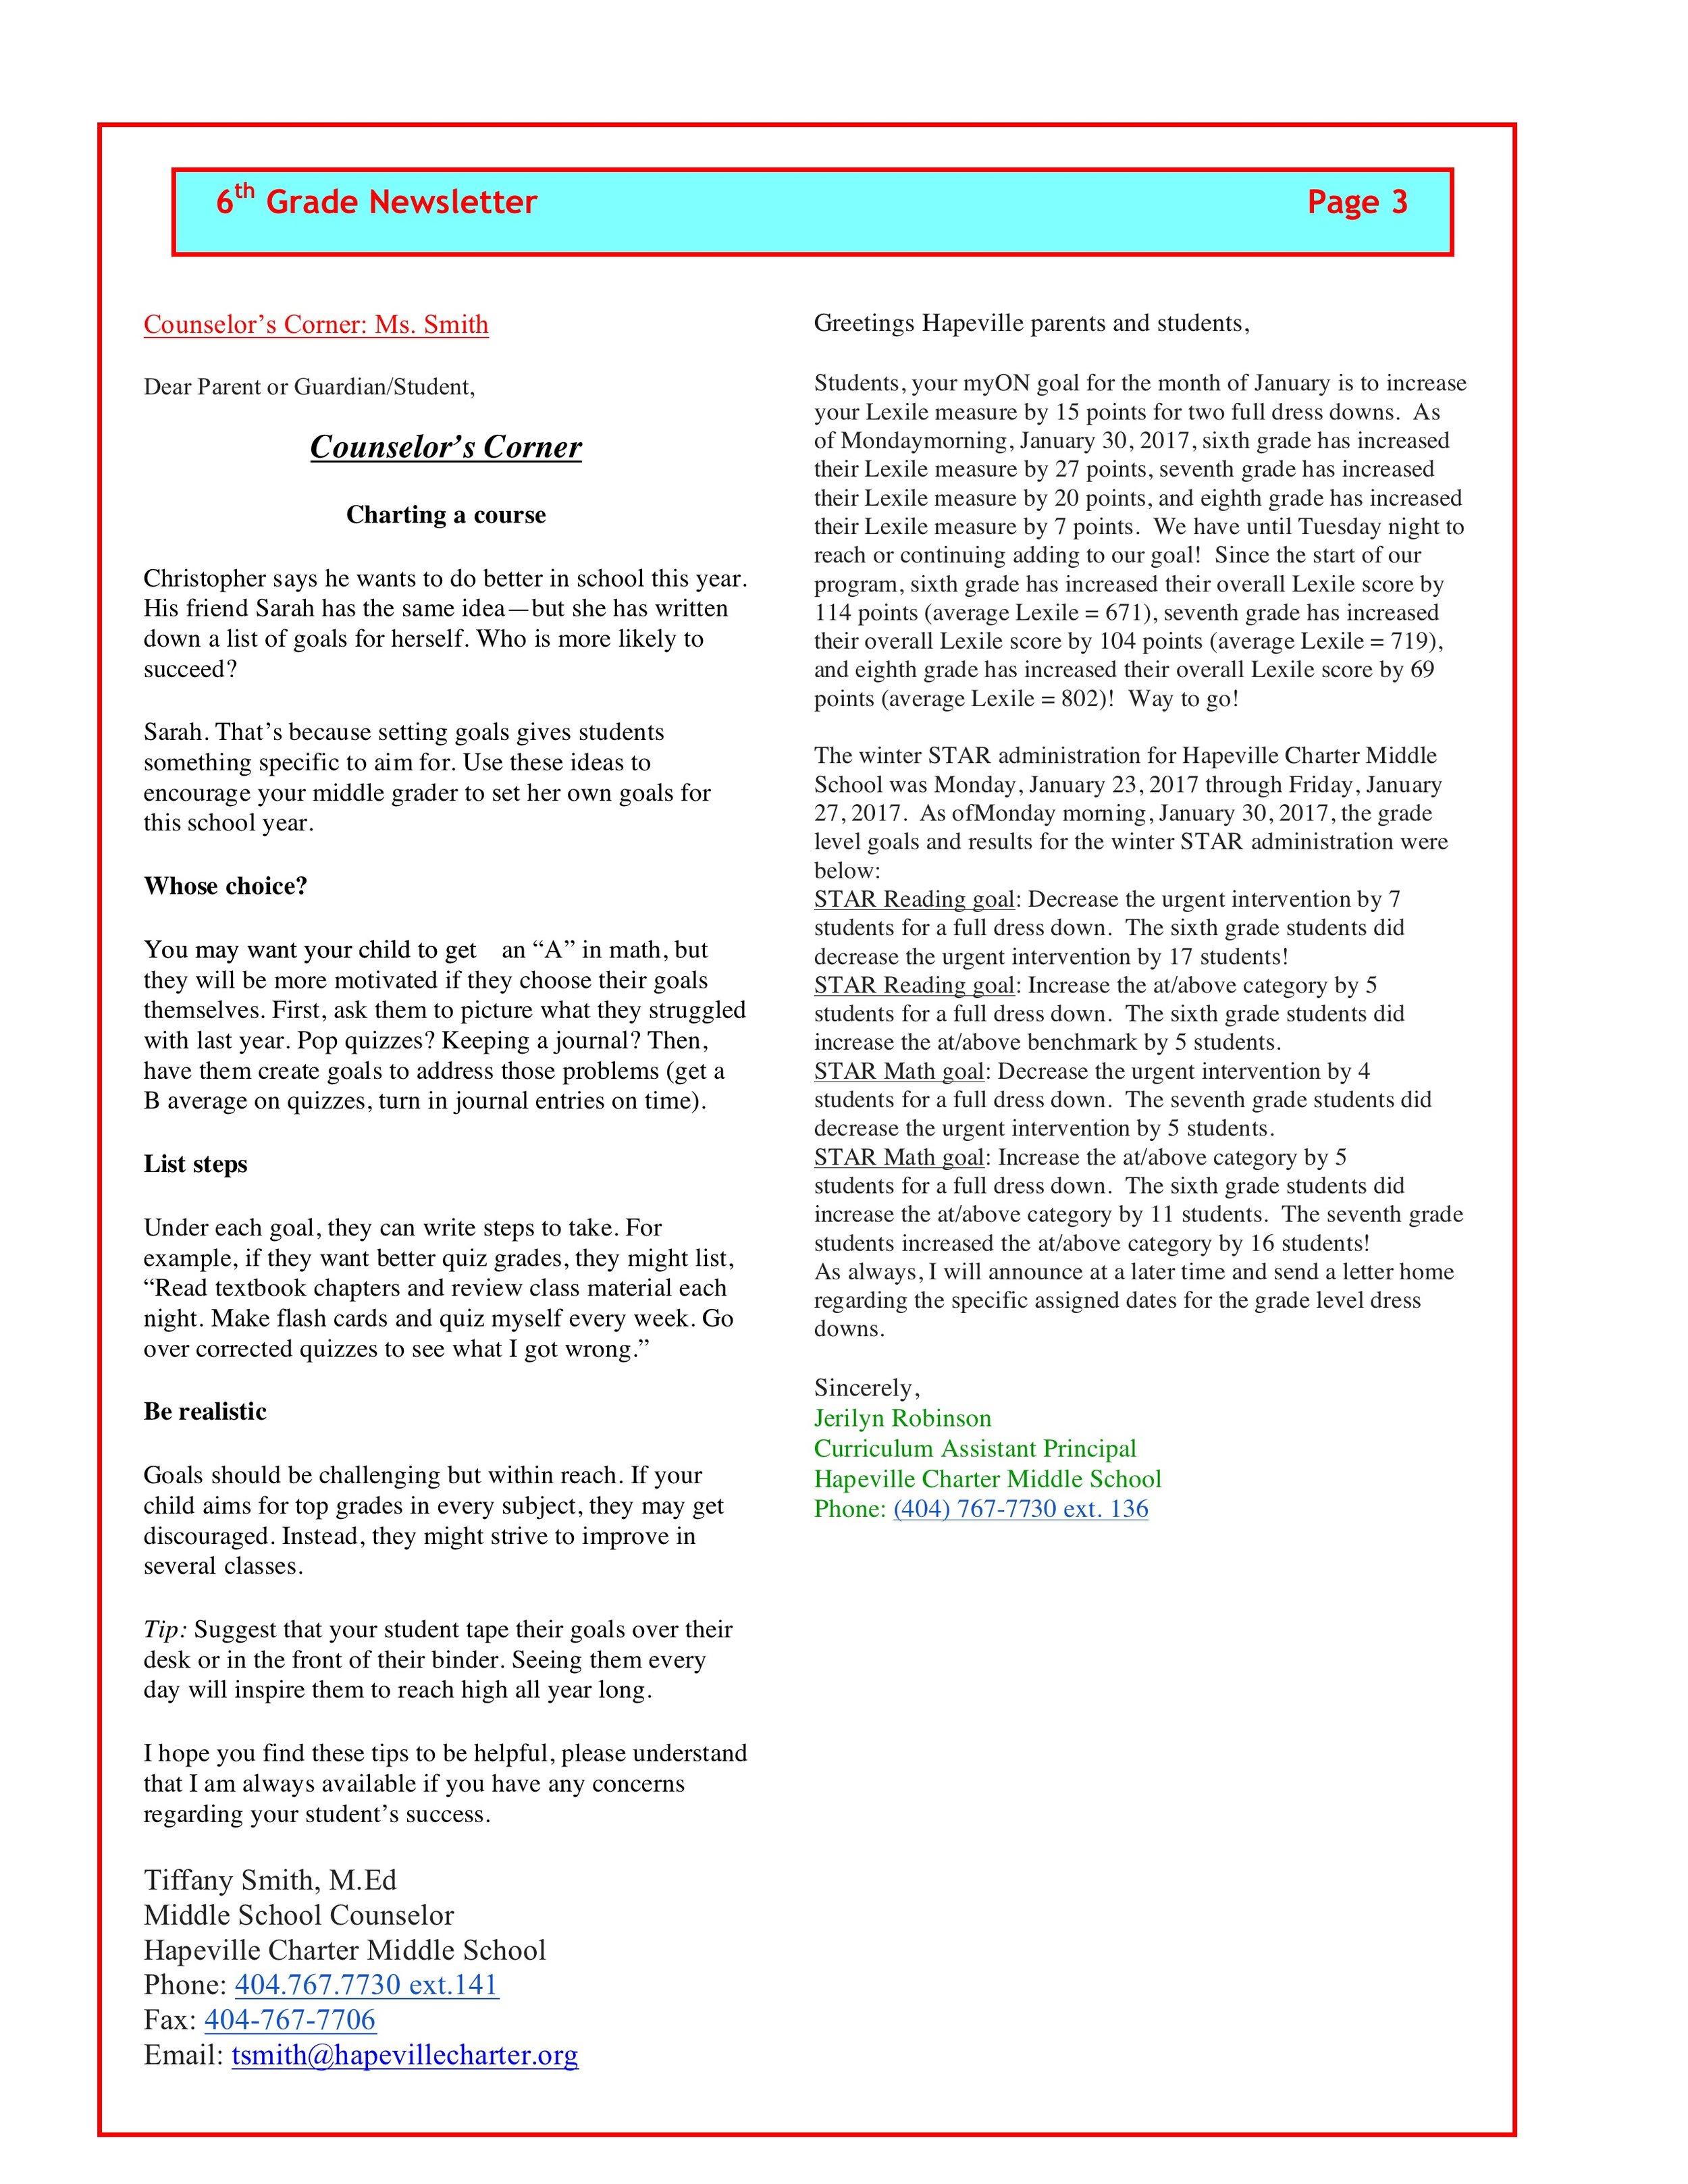 Newsletter Image6th Grade Newsletter 1.30.2017 3.jpeg